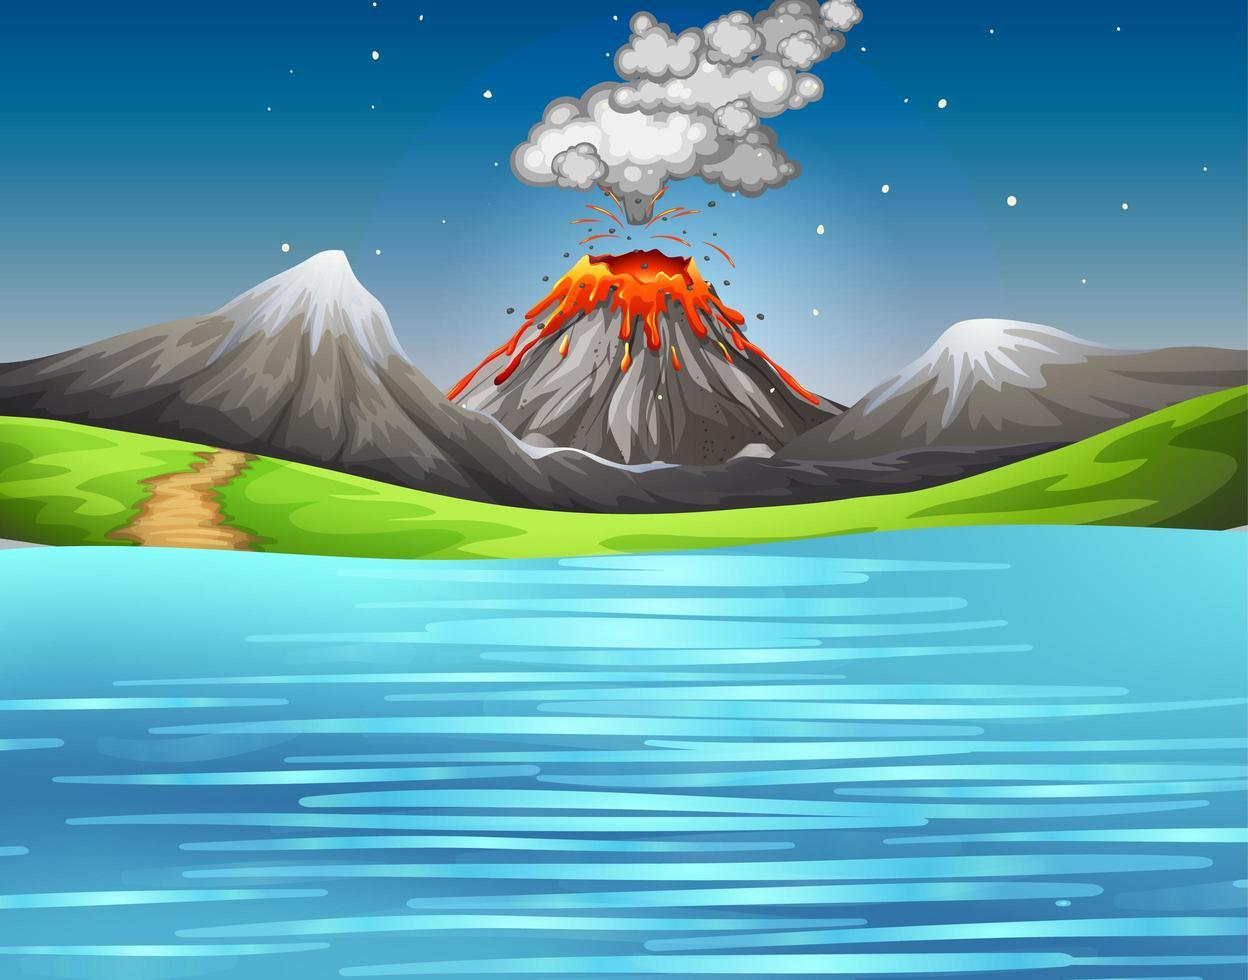 Vulkanausbruch in der Naturwaldszene vektor